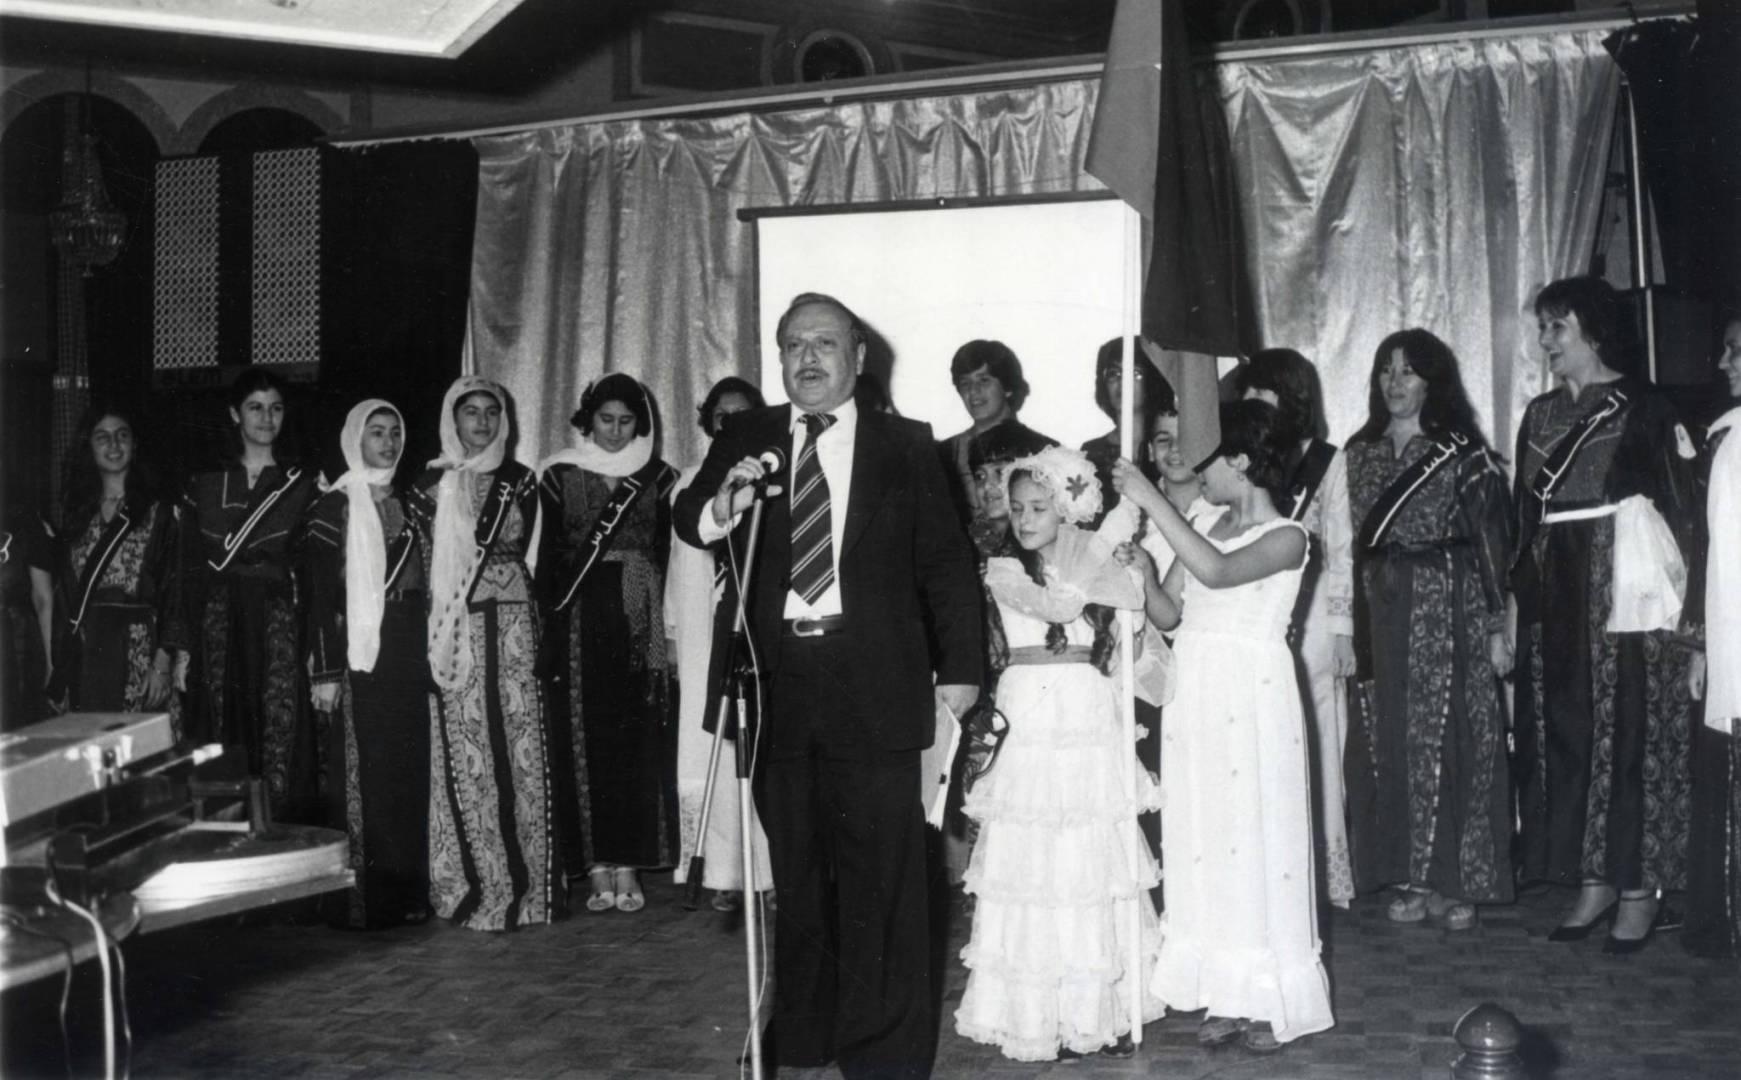 د. حسن أبو غزالة يقدم عرض الأزياء الفلسطينية بالحفل.. أرشيفية